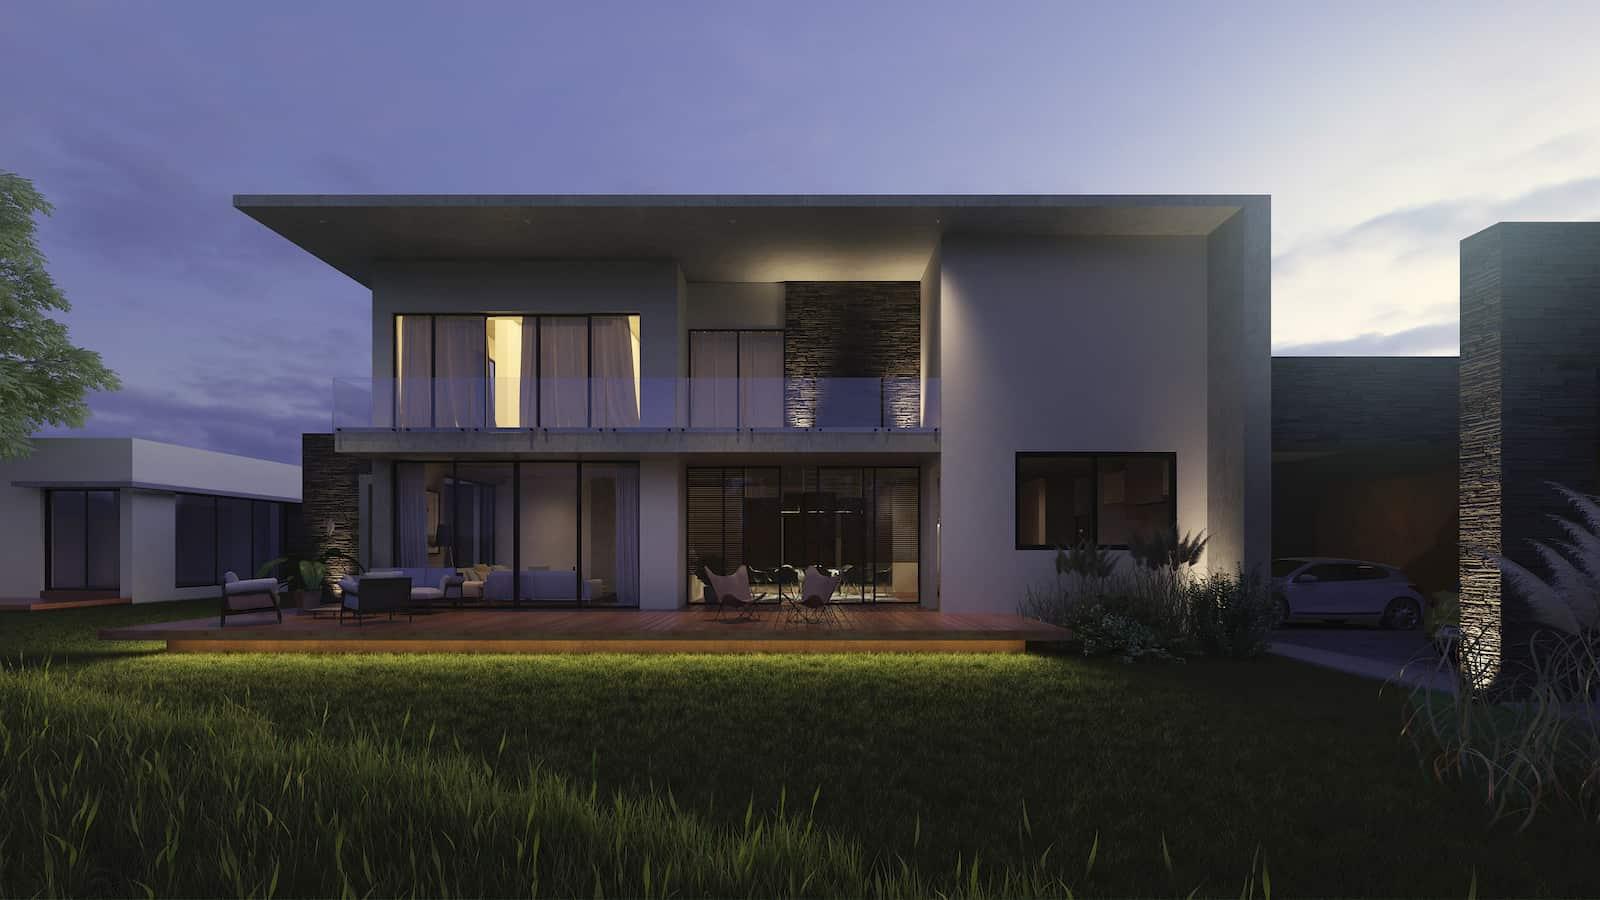 casa-von-raesfeld-fachada-posterior-noche